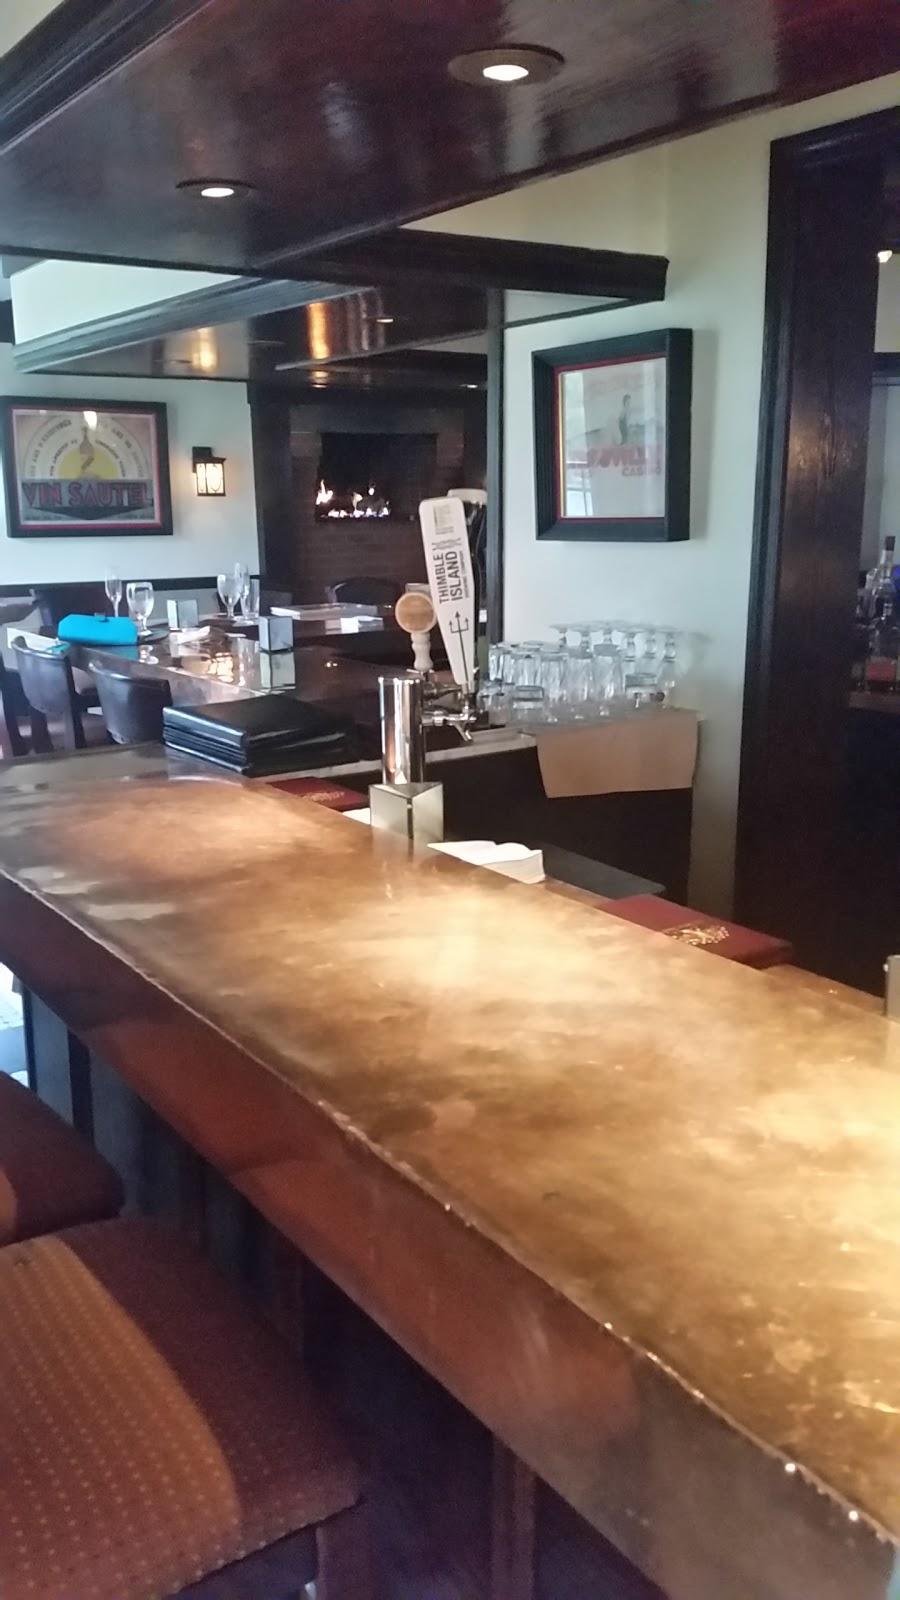 The Copper Beech Inn | restaurant | 46 Main St, Ivoryton, CT 06442, USA | 8607670330 OR +1 860-767-0330